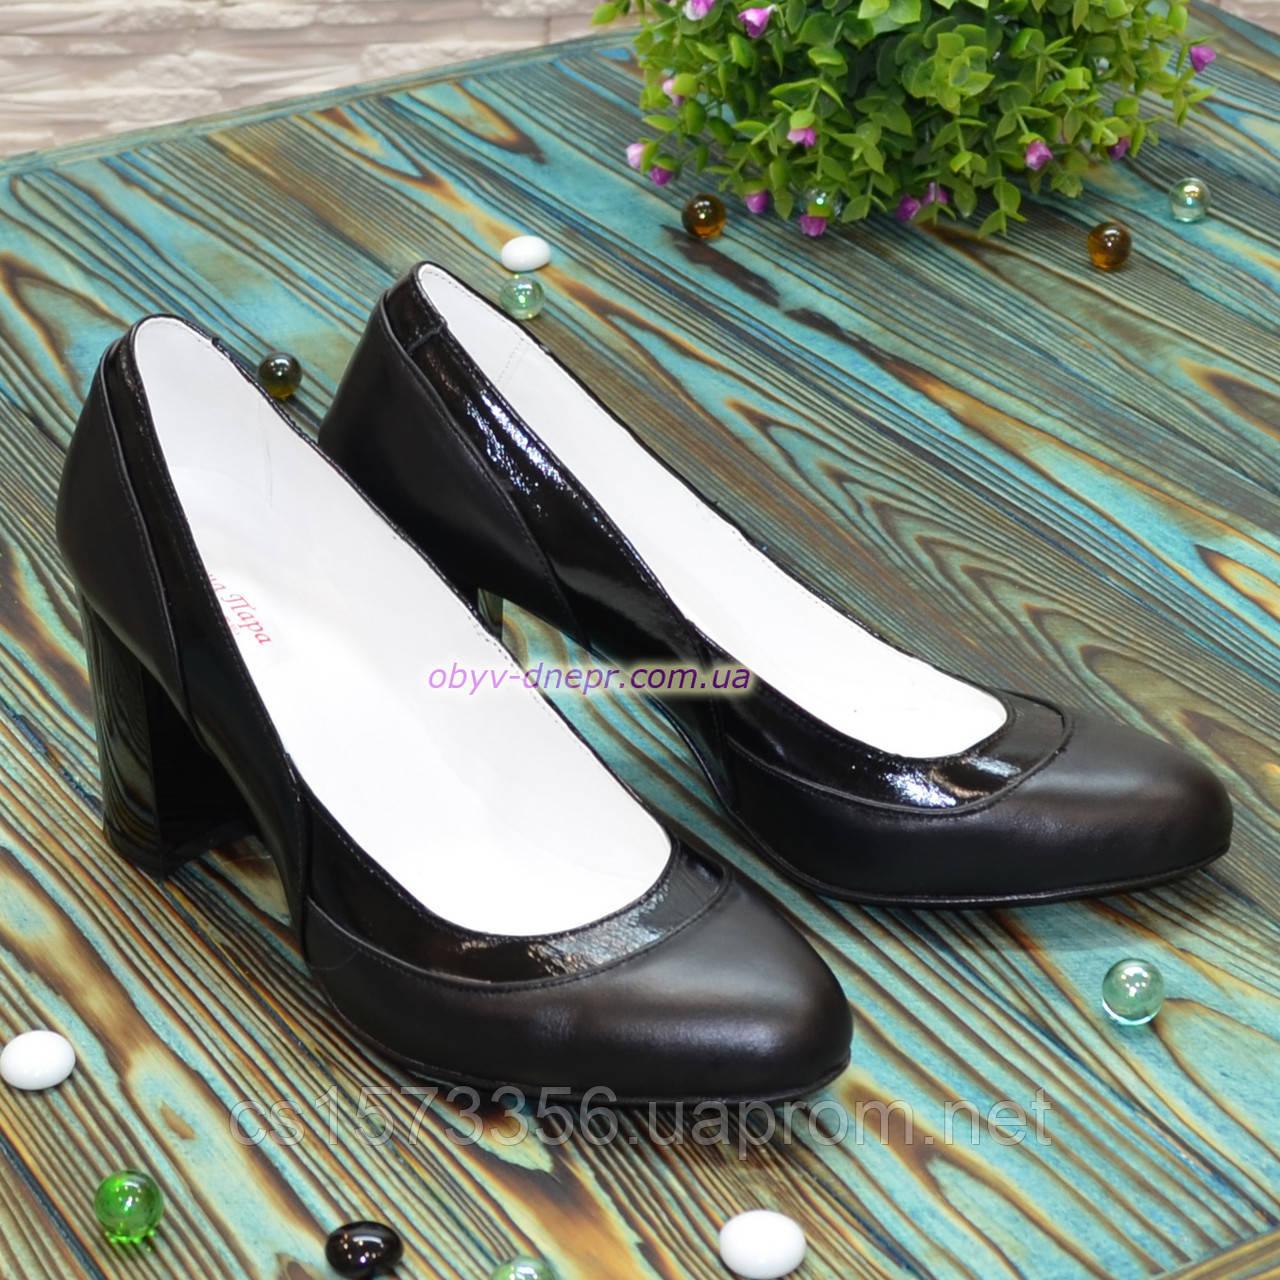 Туфли женские комбинированные на устойчивом каблуке, цвет черный